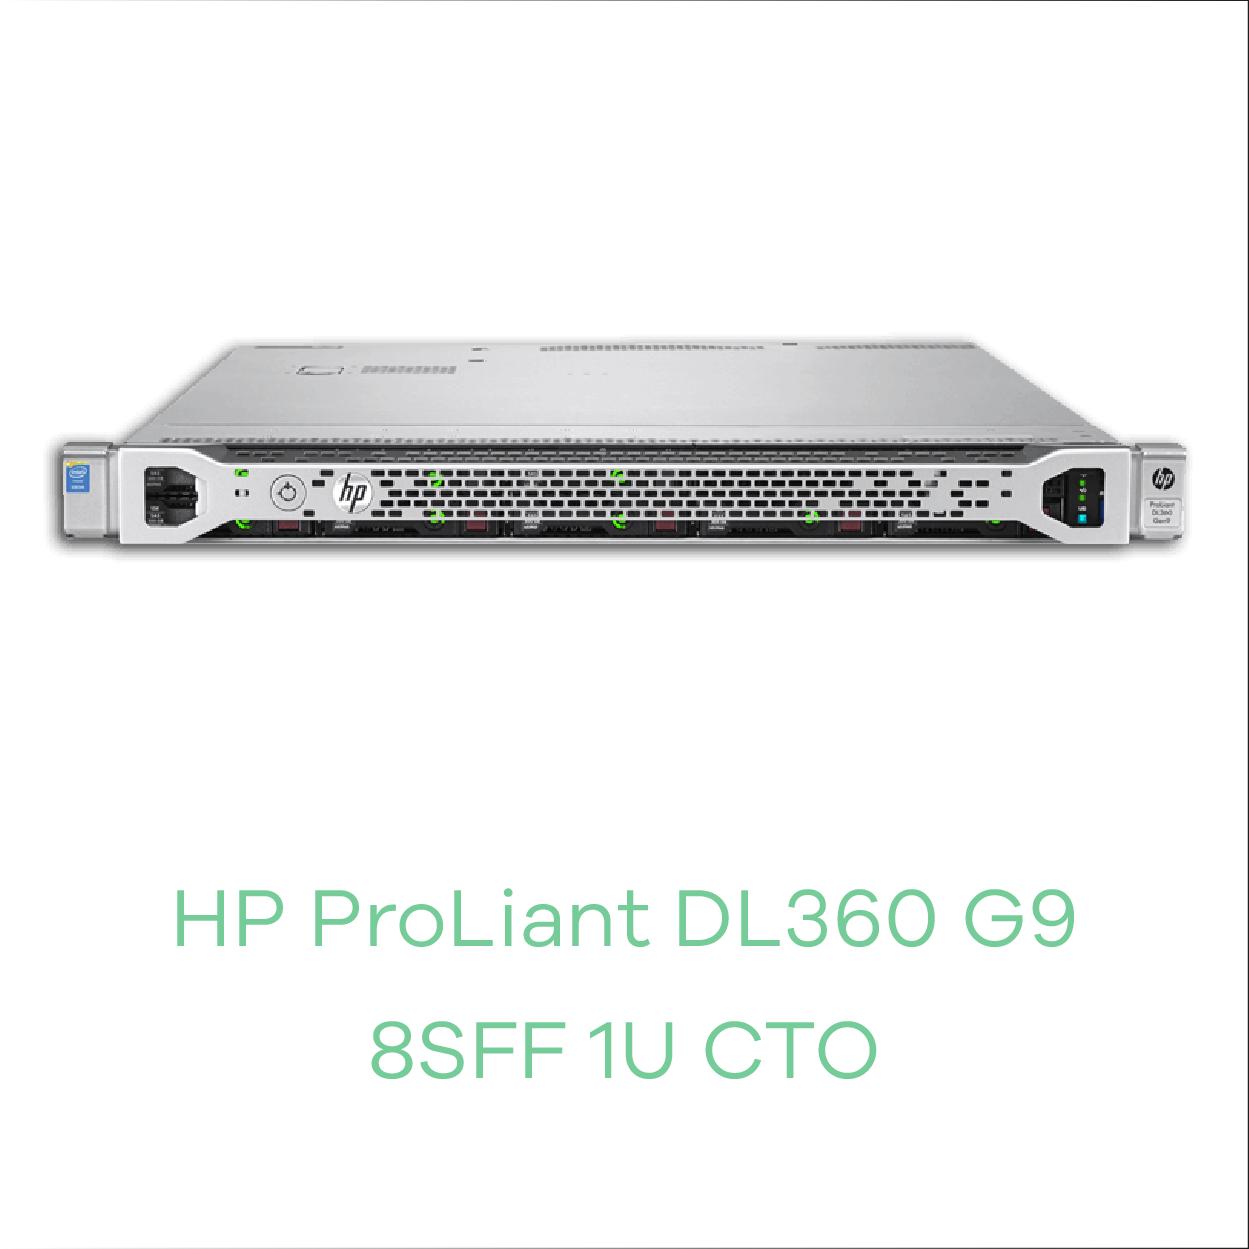 HP DL360 G9 8SFF 1U CTO